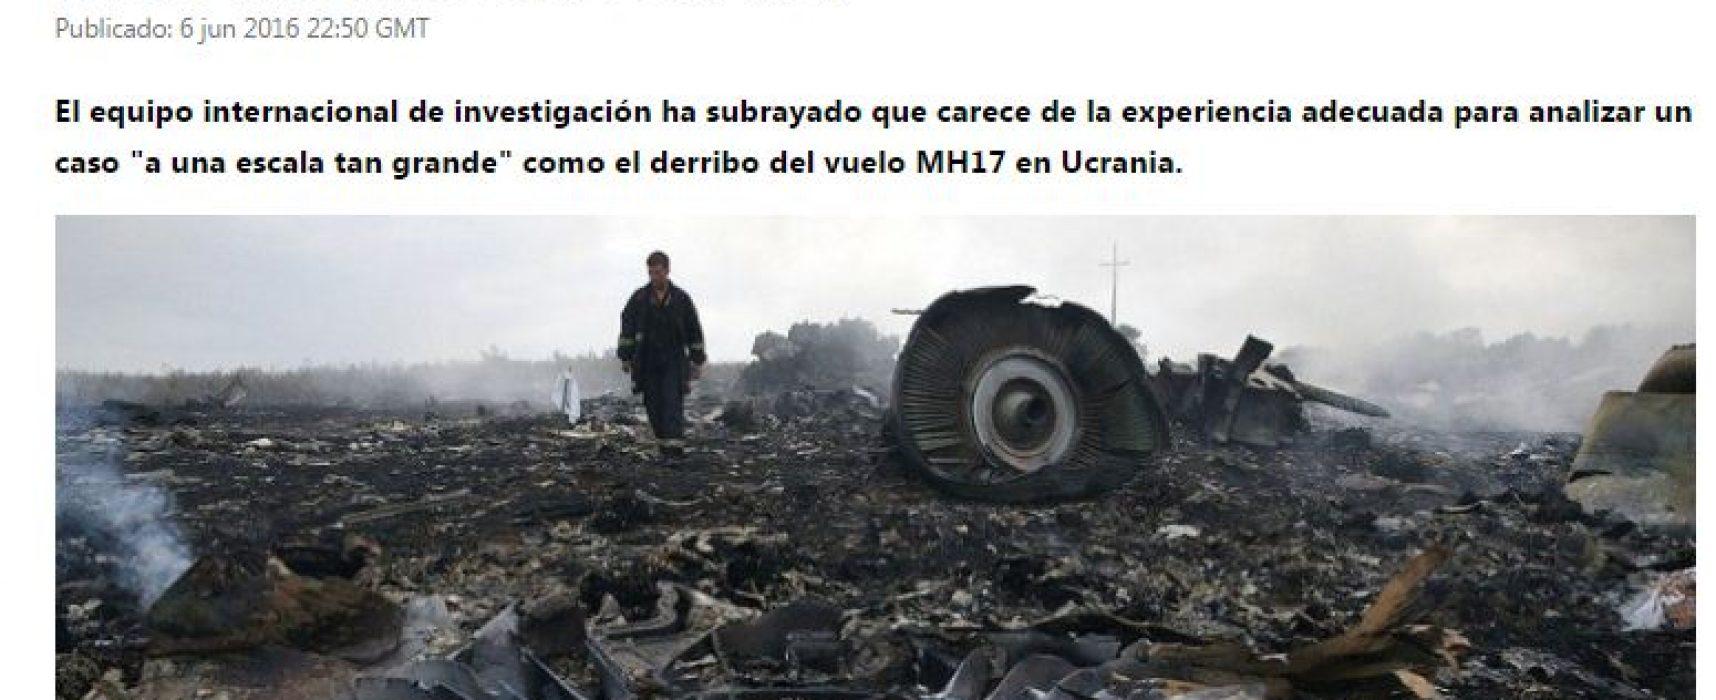 El canal RT mostró a los investigadores de la caída del MH17 como que no supiesen nada